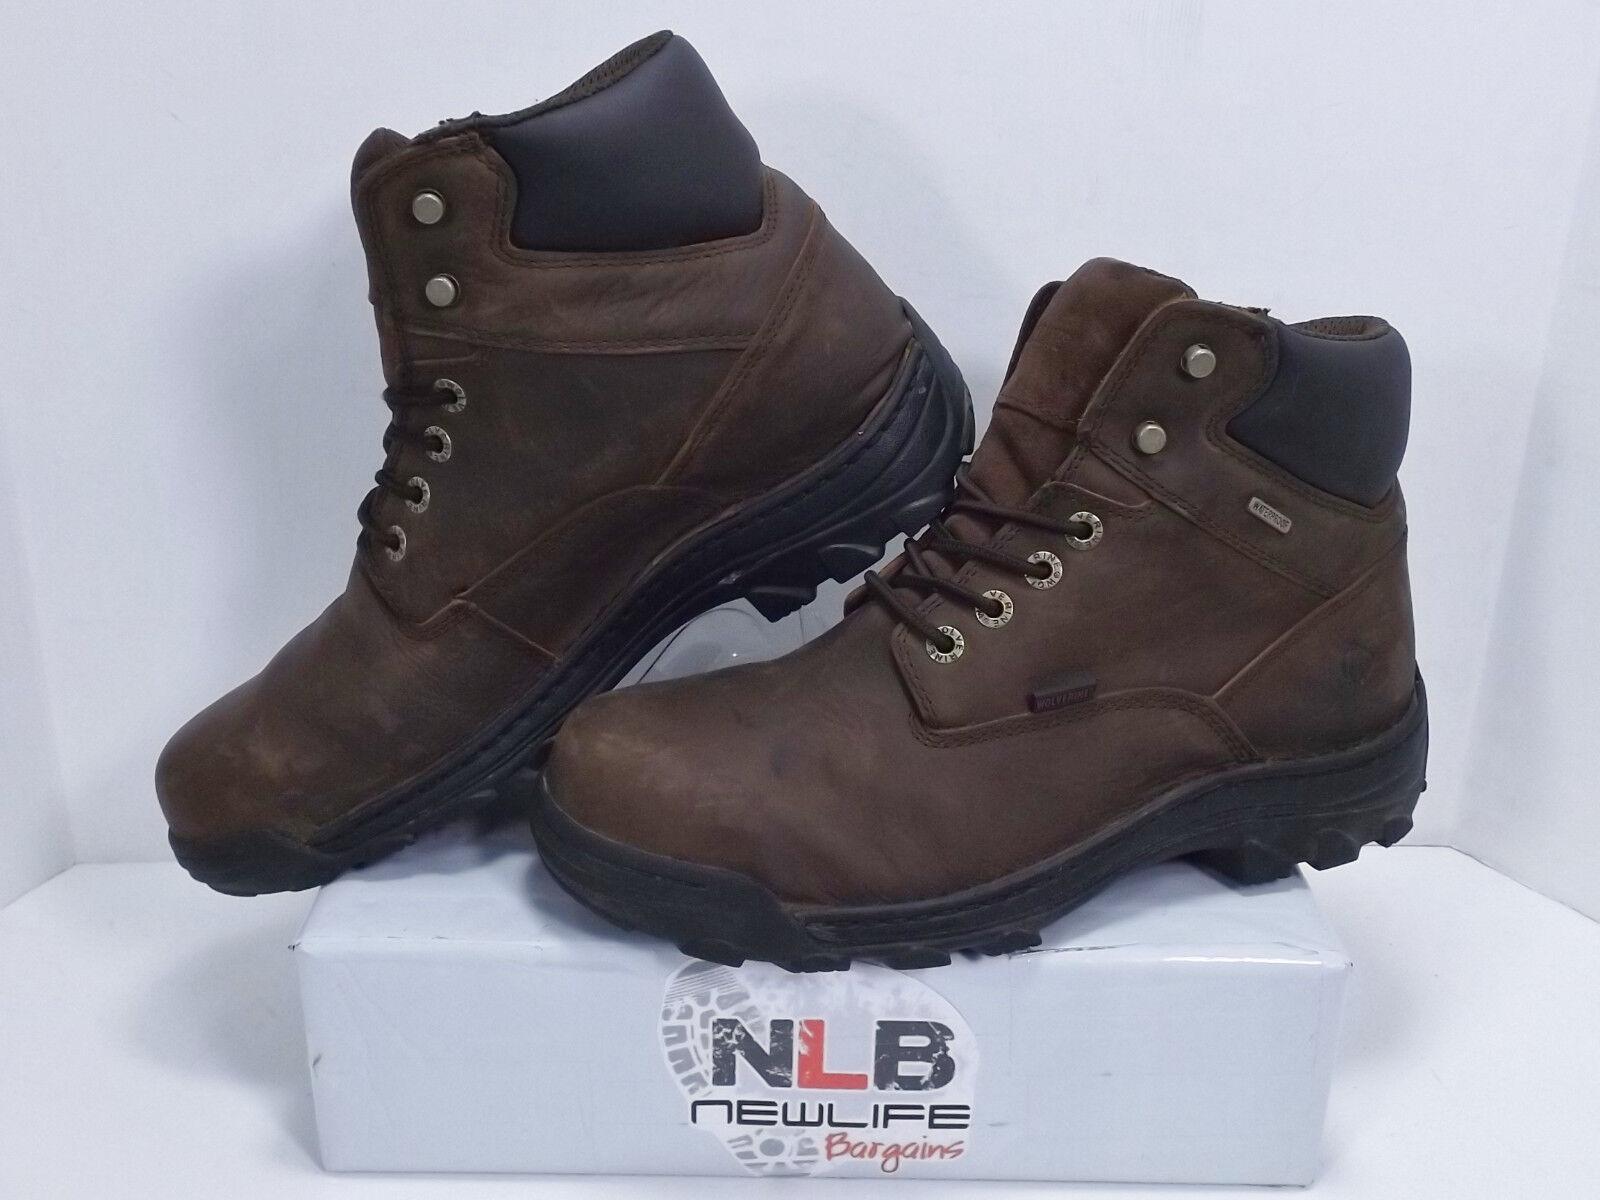 Wolverine Durbin 6 Boots W05483 Waterproof Steel Toe Men's Size 11.5 M